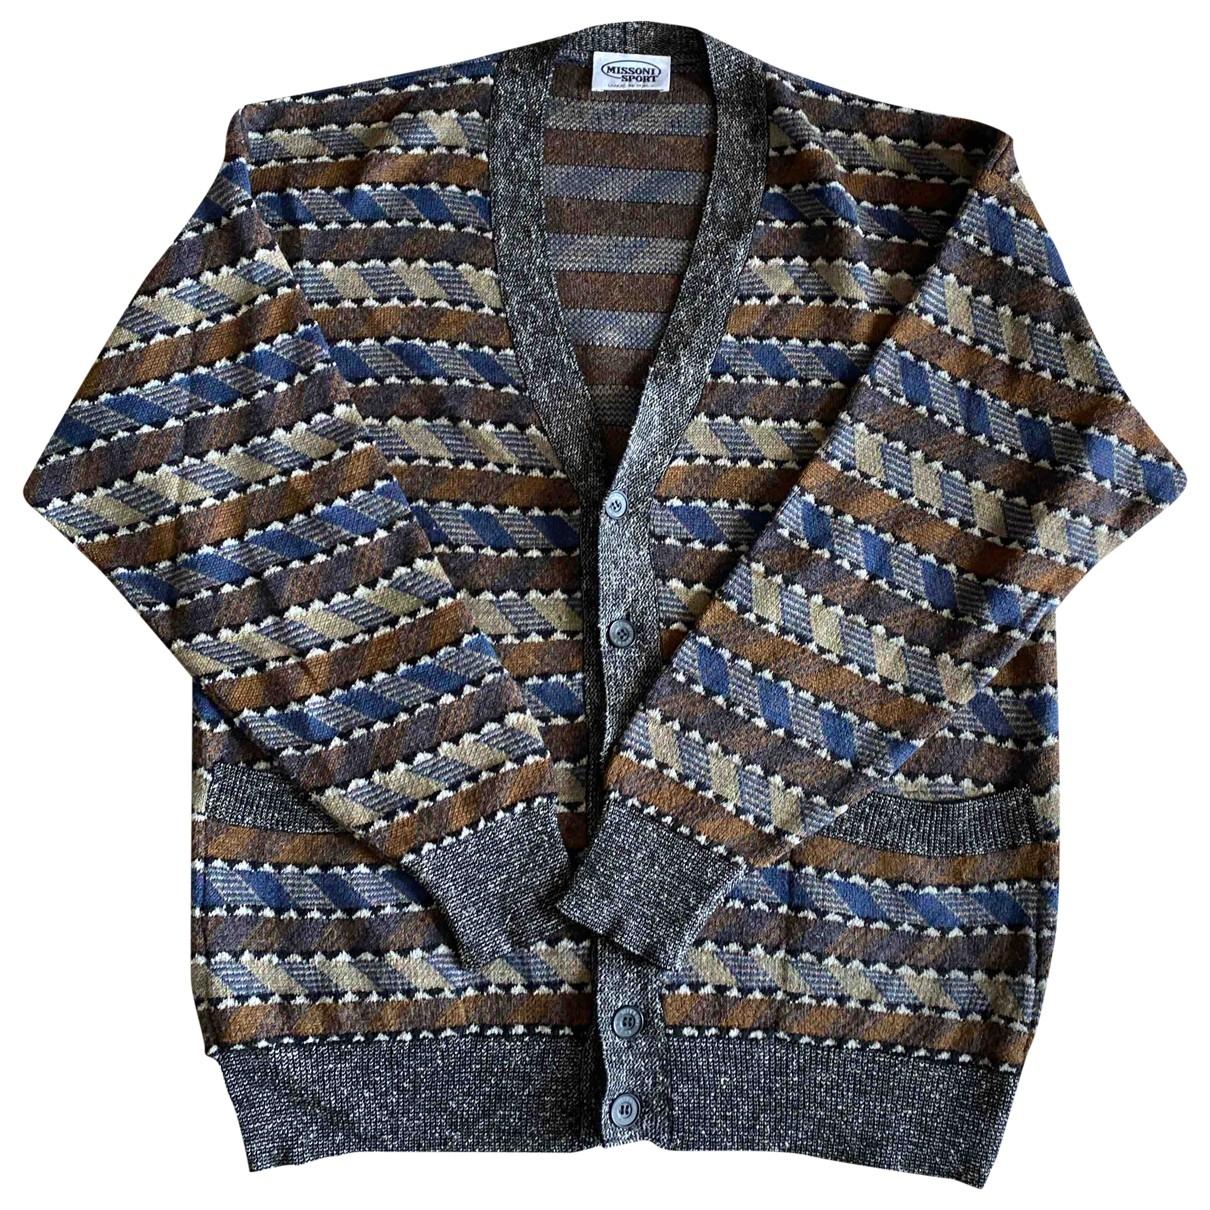 Missoni - Pulls.Gilets.Sweats   pour homme en laine - multicolore